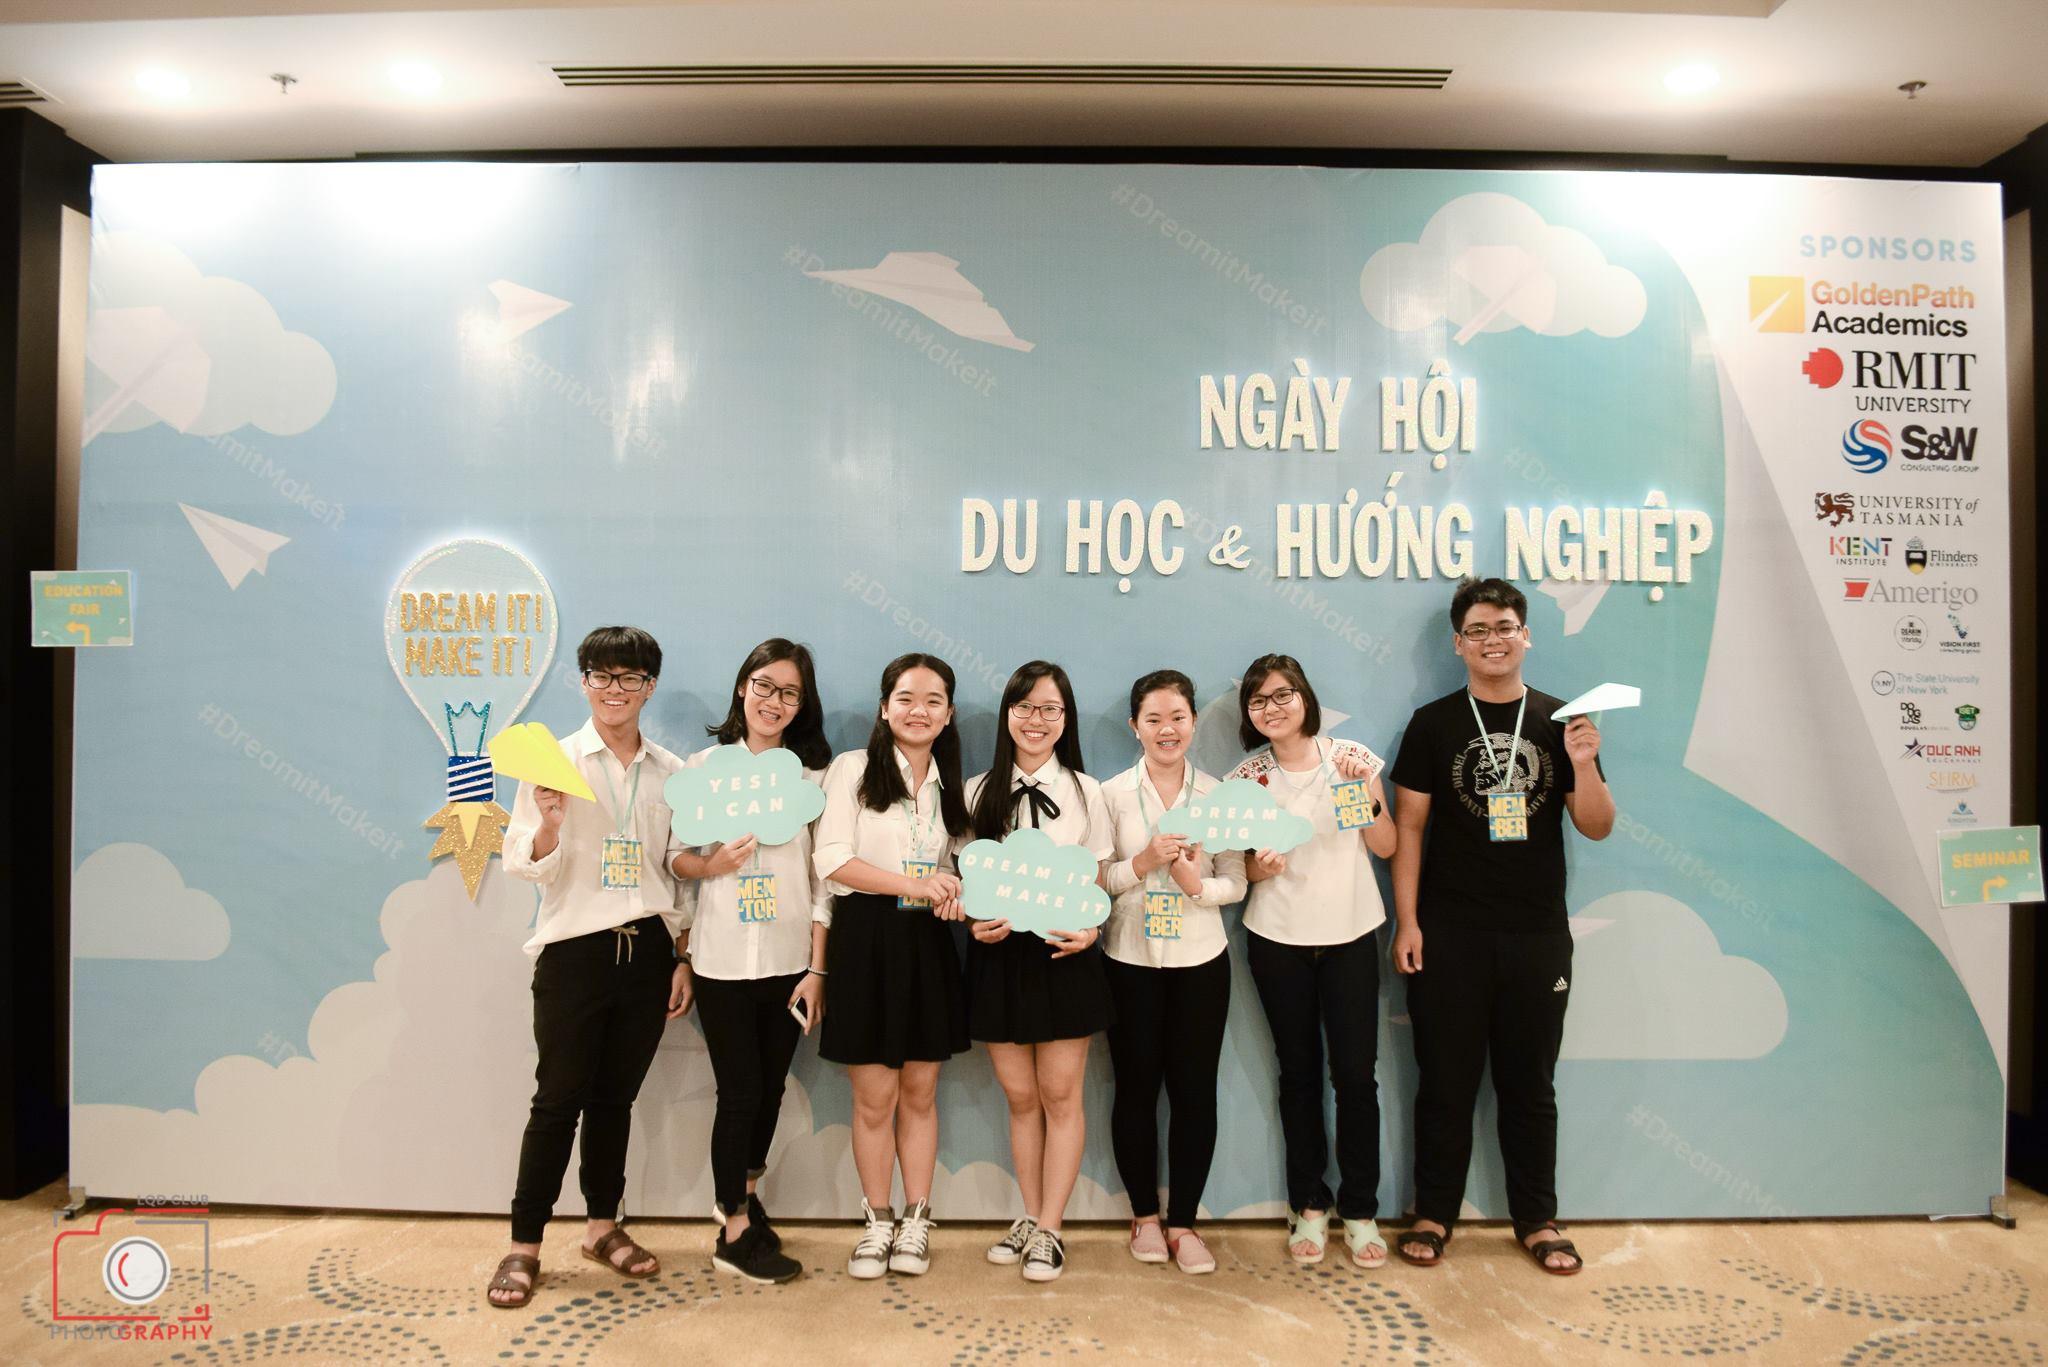 Ngày hội du học & hướng nghiệp tại thành phố Vũng Tàu do tổ chức OAV (Oversea Alumni in Vungtau) 2017